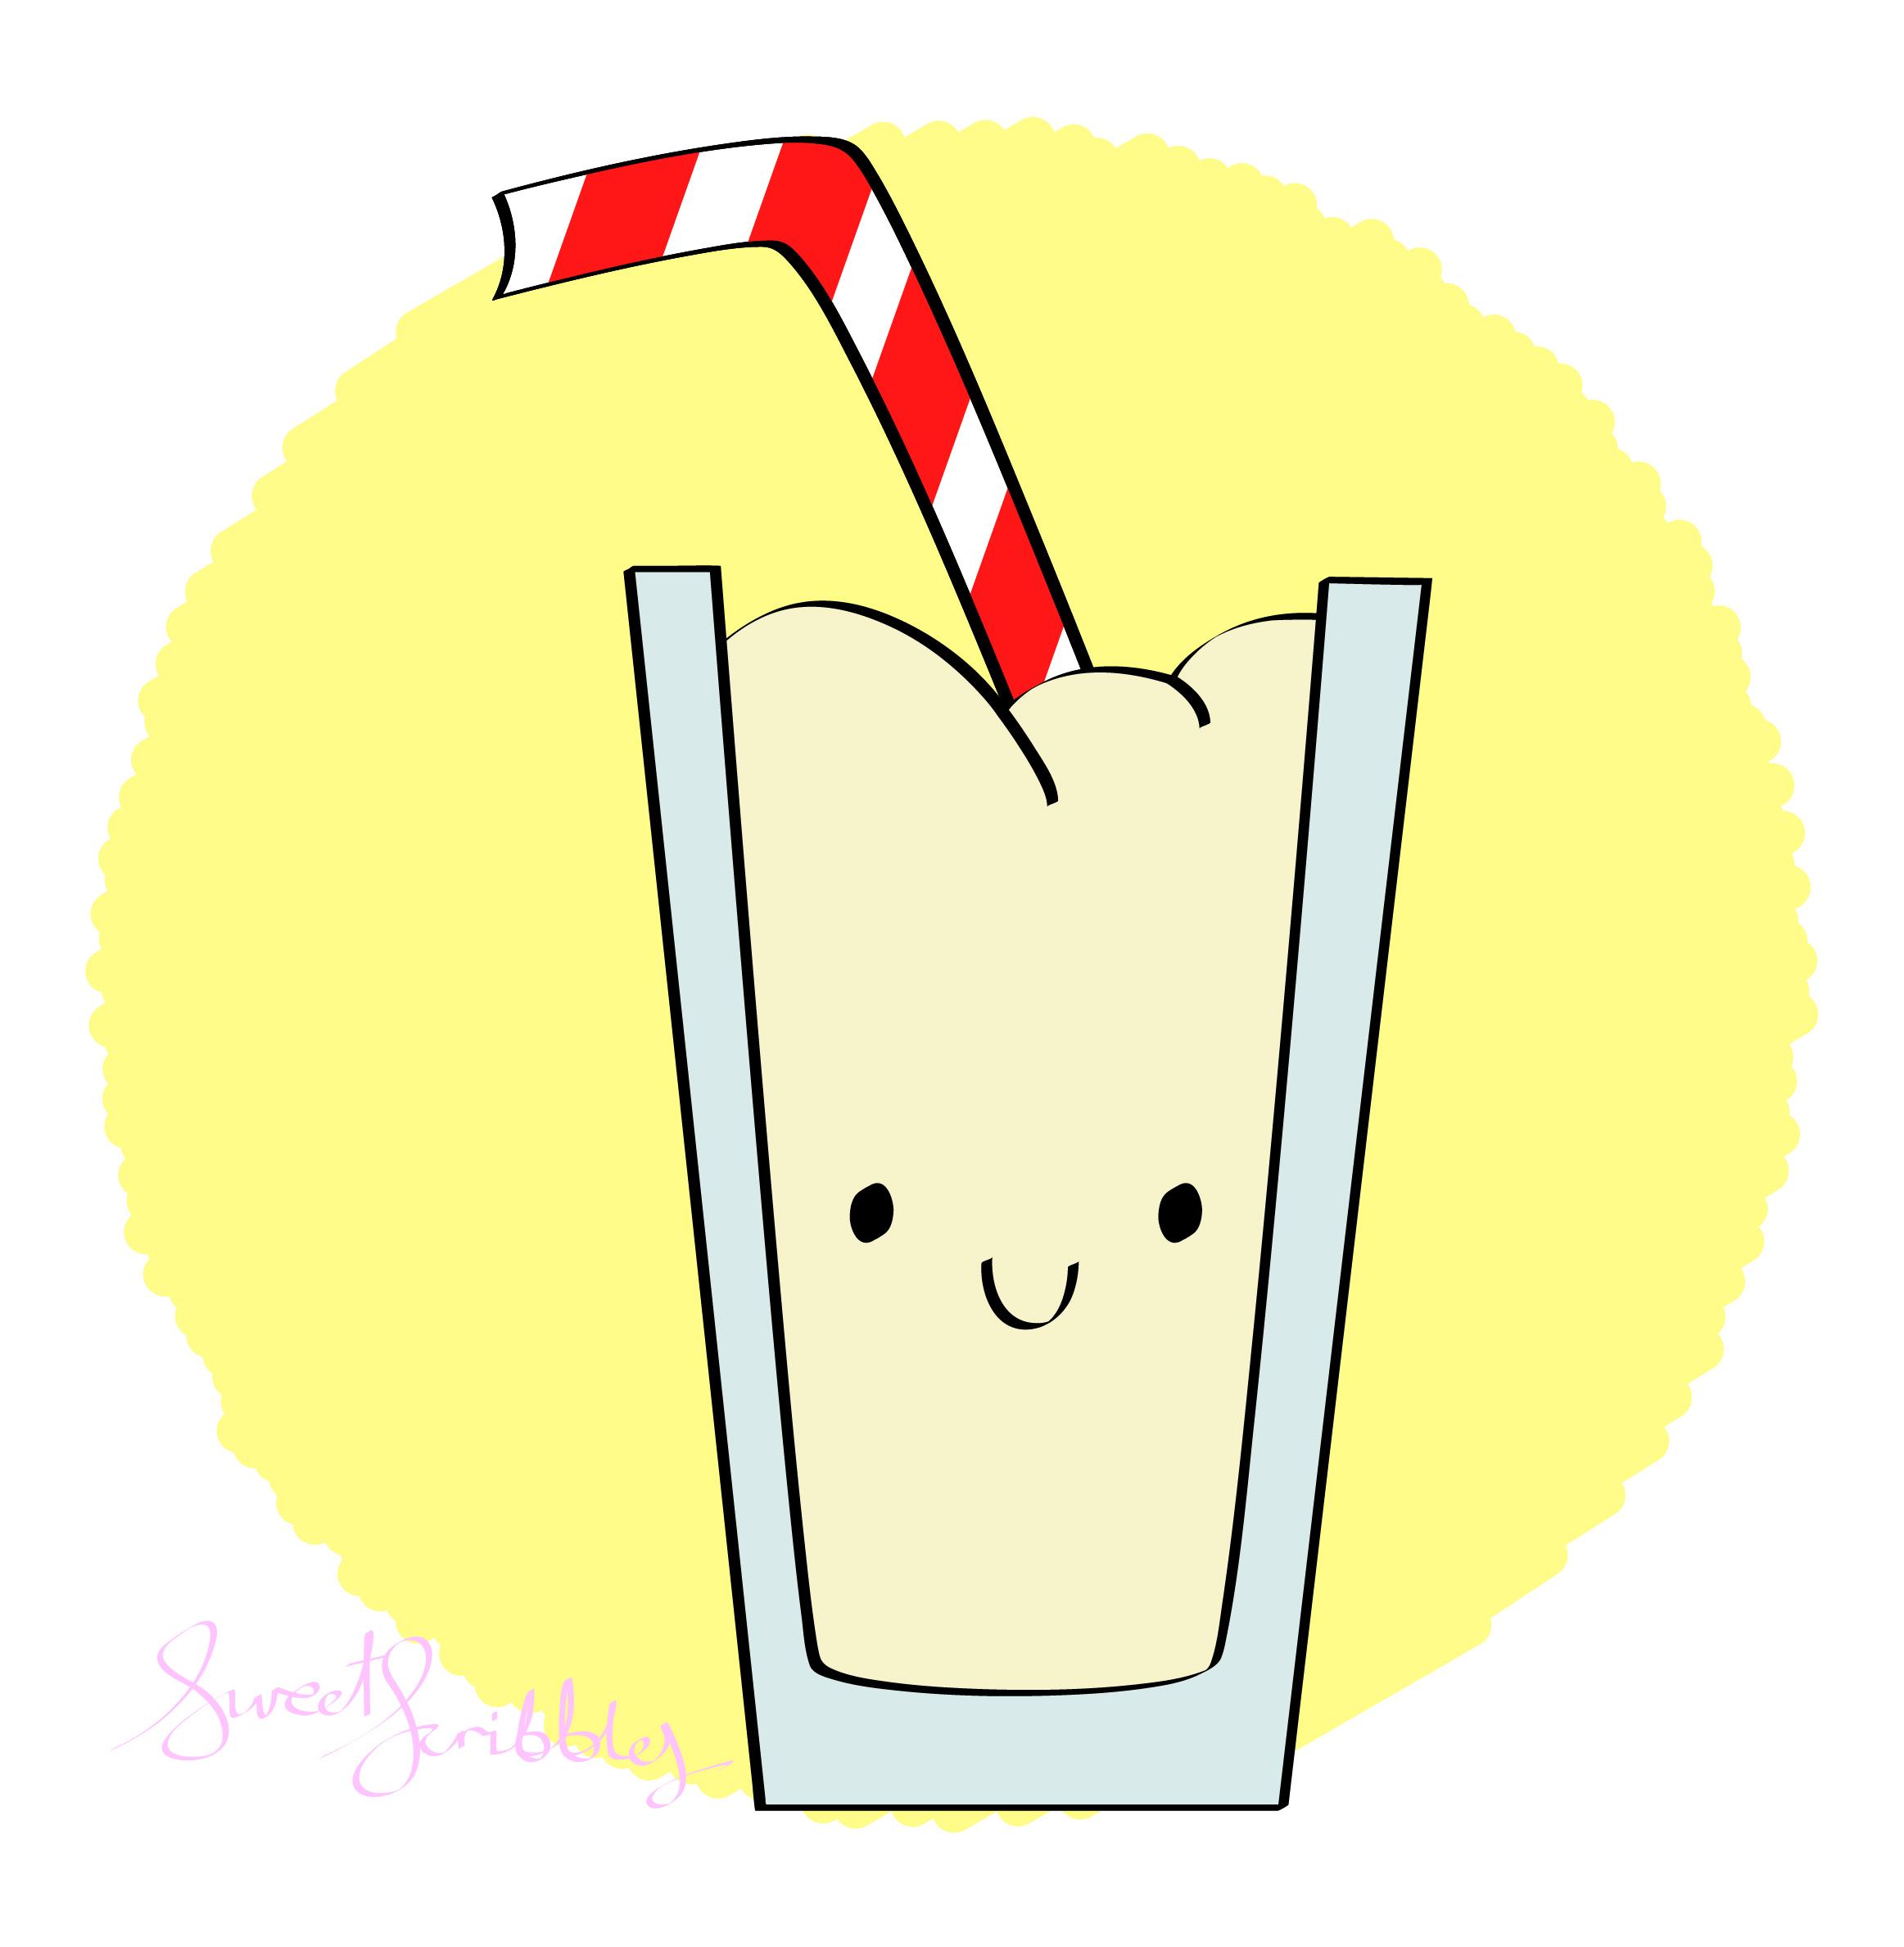 Drawn milkshake My milkshake boys boys to